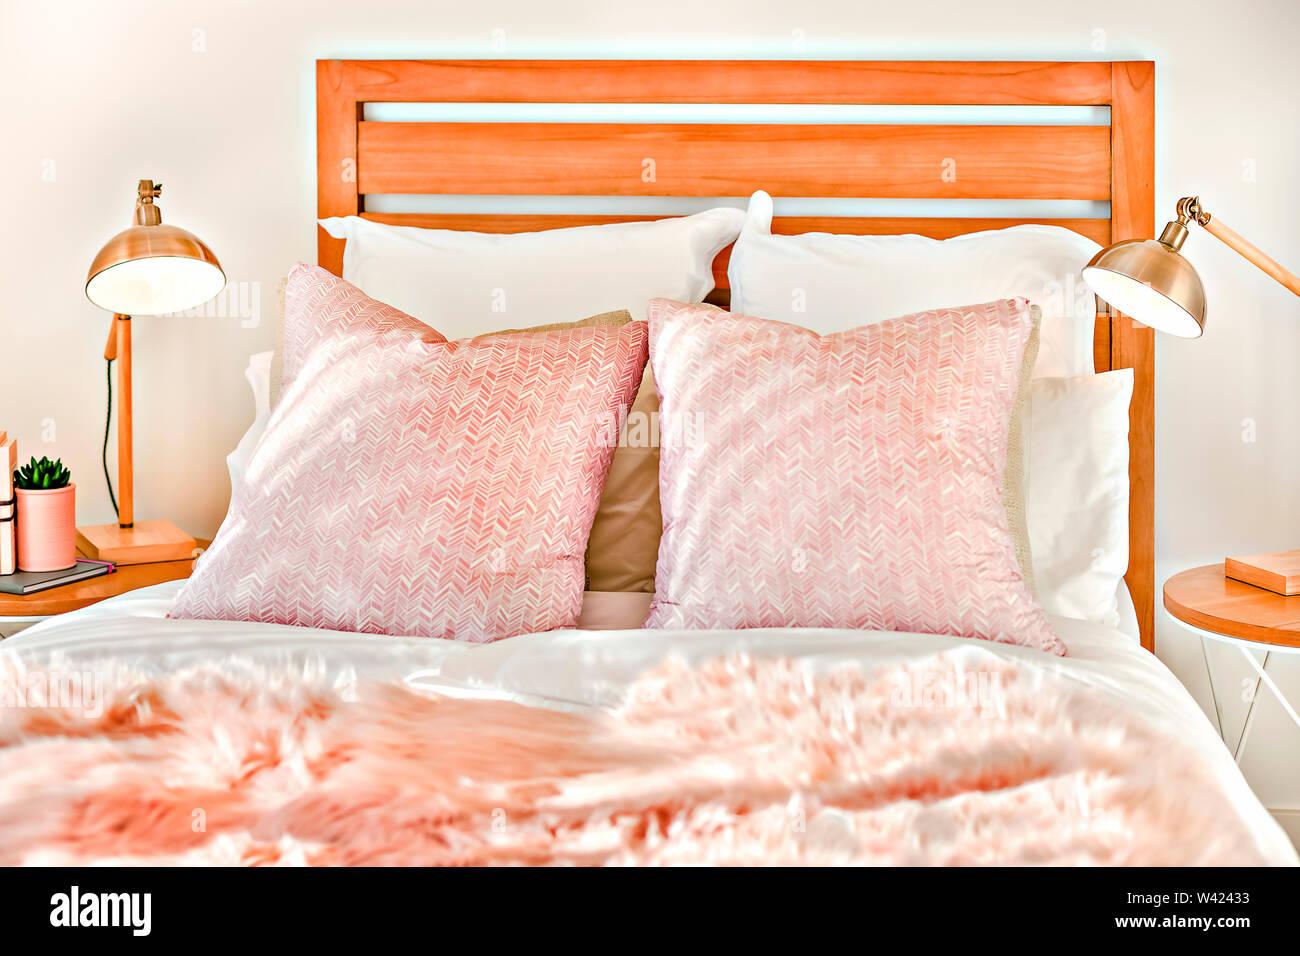 Letto matrimoniale con cuscini accanto a luci lampeggianti sulla tavola con decorazioni di fantasia in una casa di lusso Immagini Stock